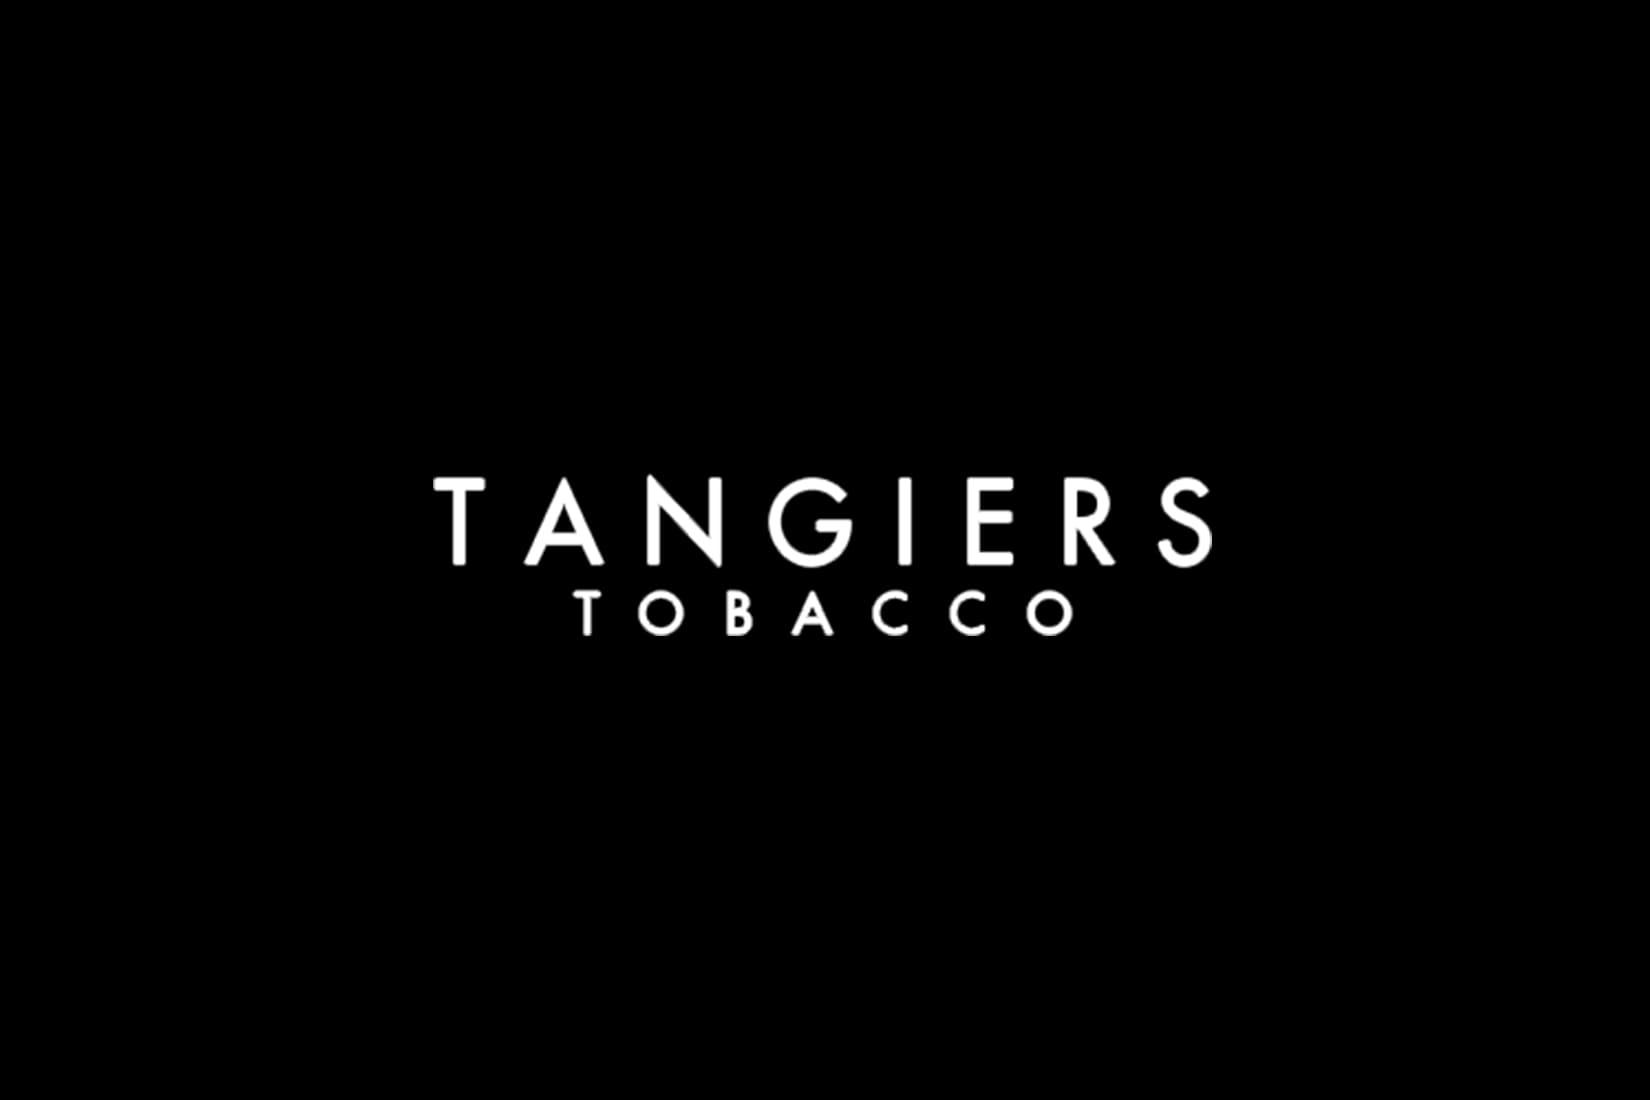 Табак для кальяна Tangiers: описание, вкусы, миксы, отзывы